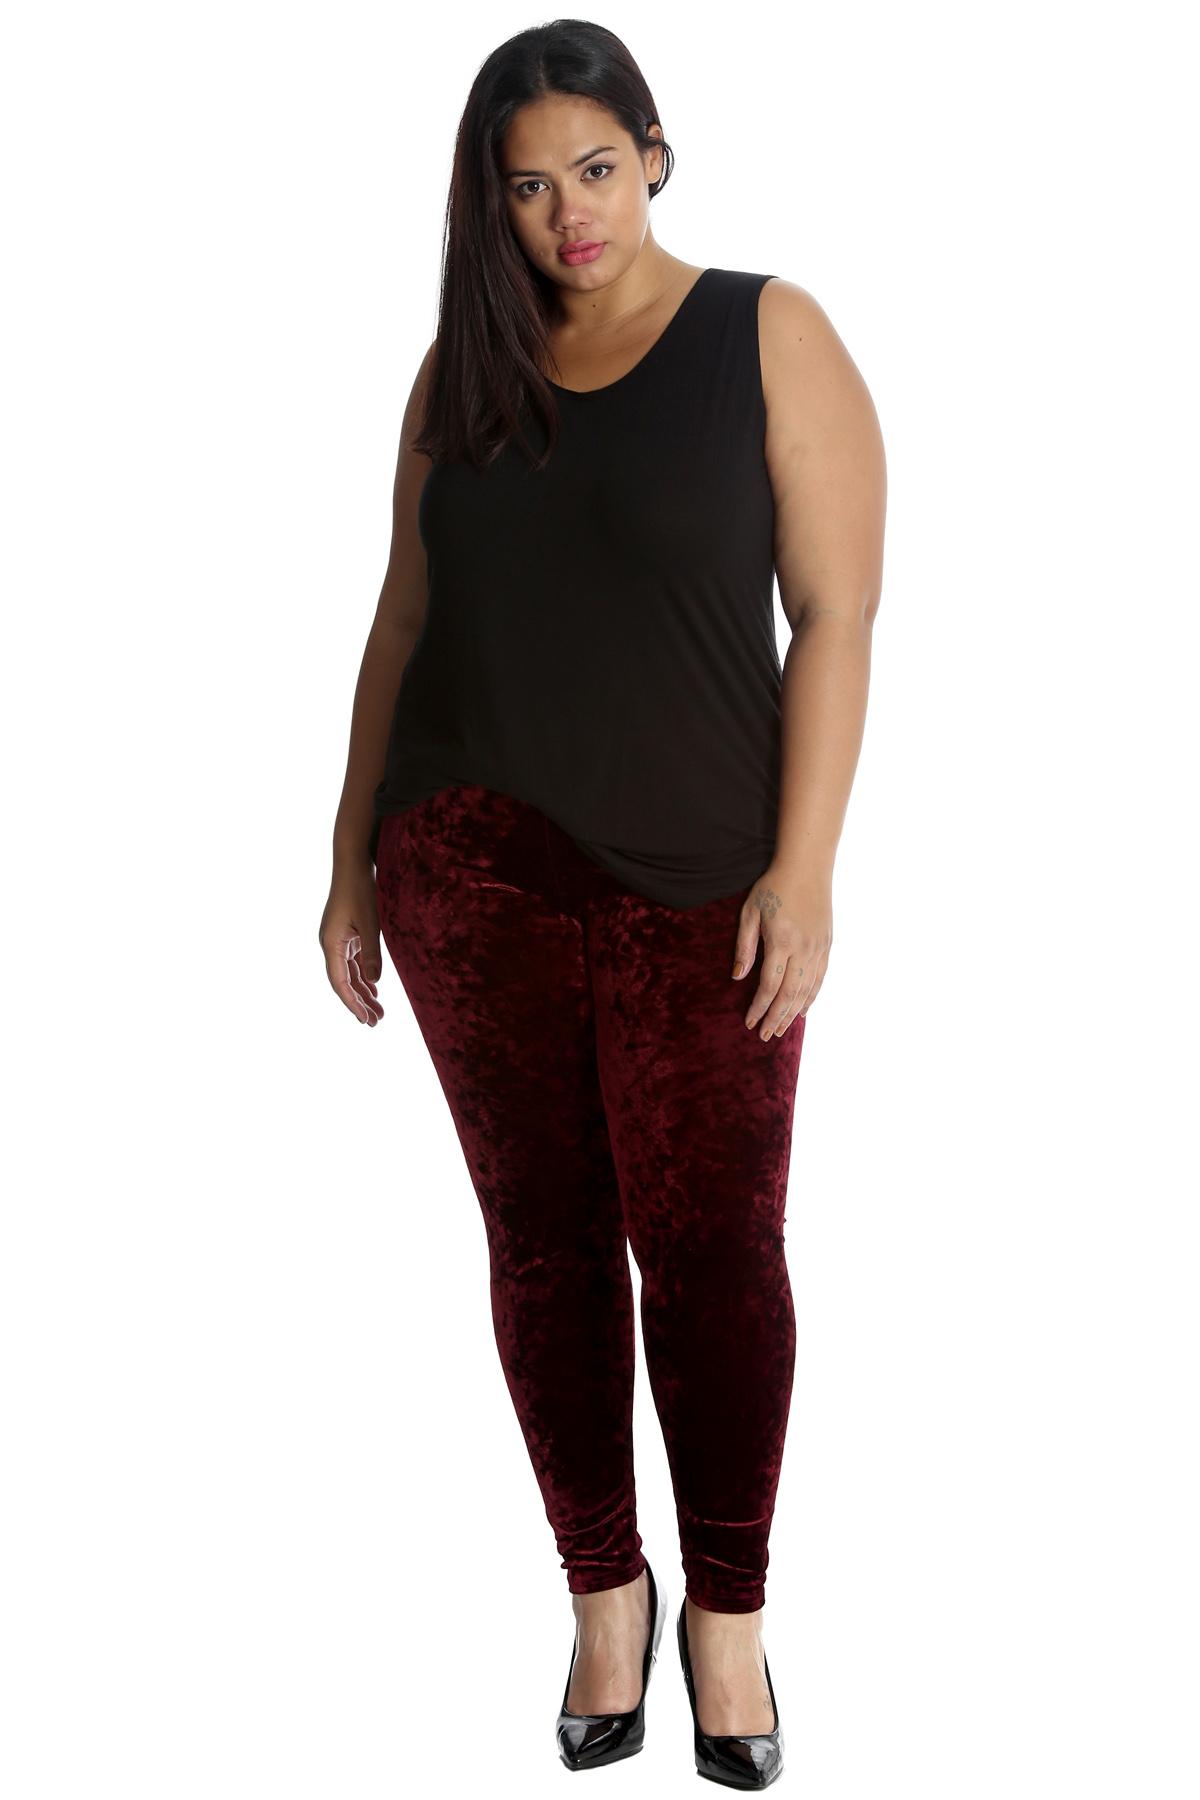 Nouveau-femmes-plus-taille-leggings-pour-femme-en-velours-pantalon-pleine-longueur-soft-nouvelle